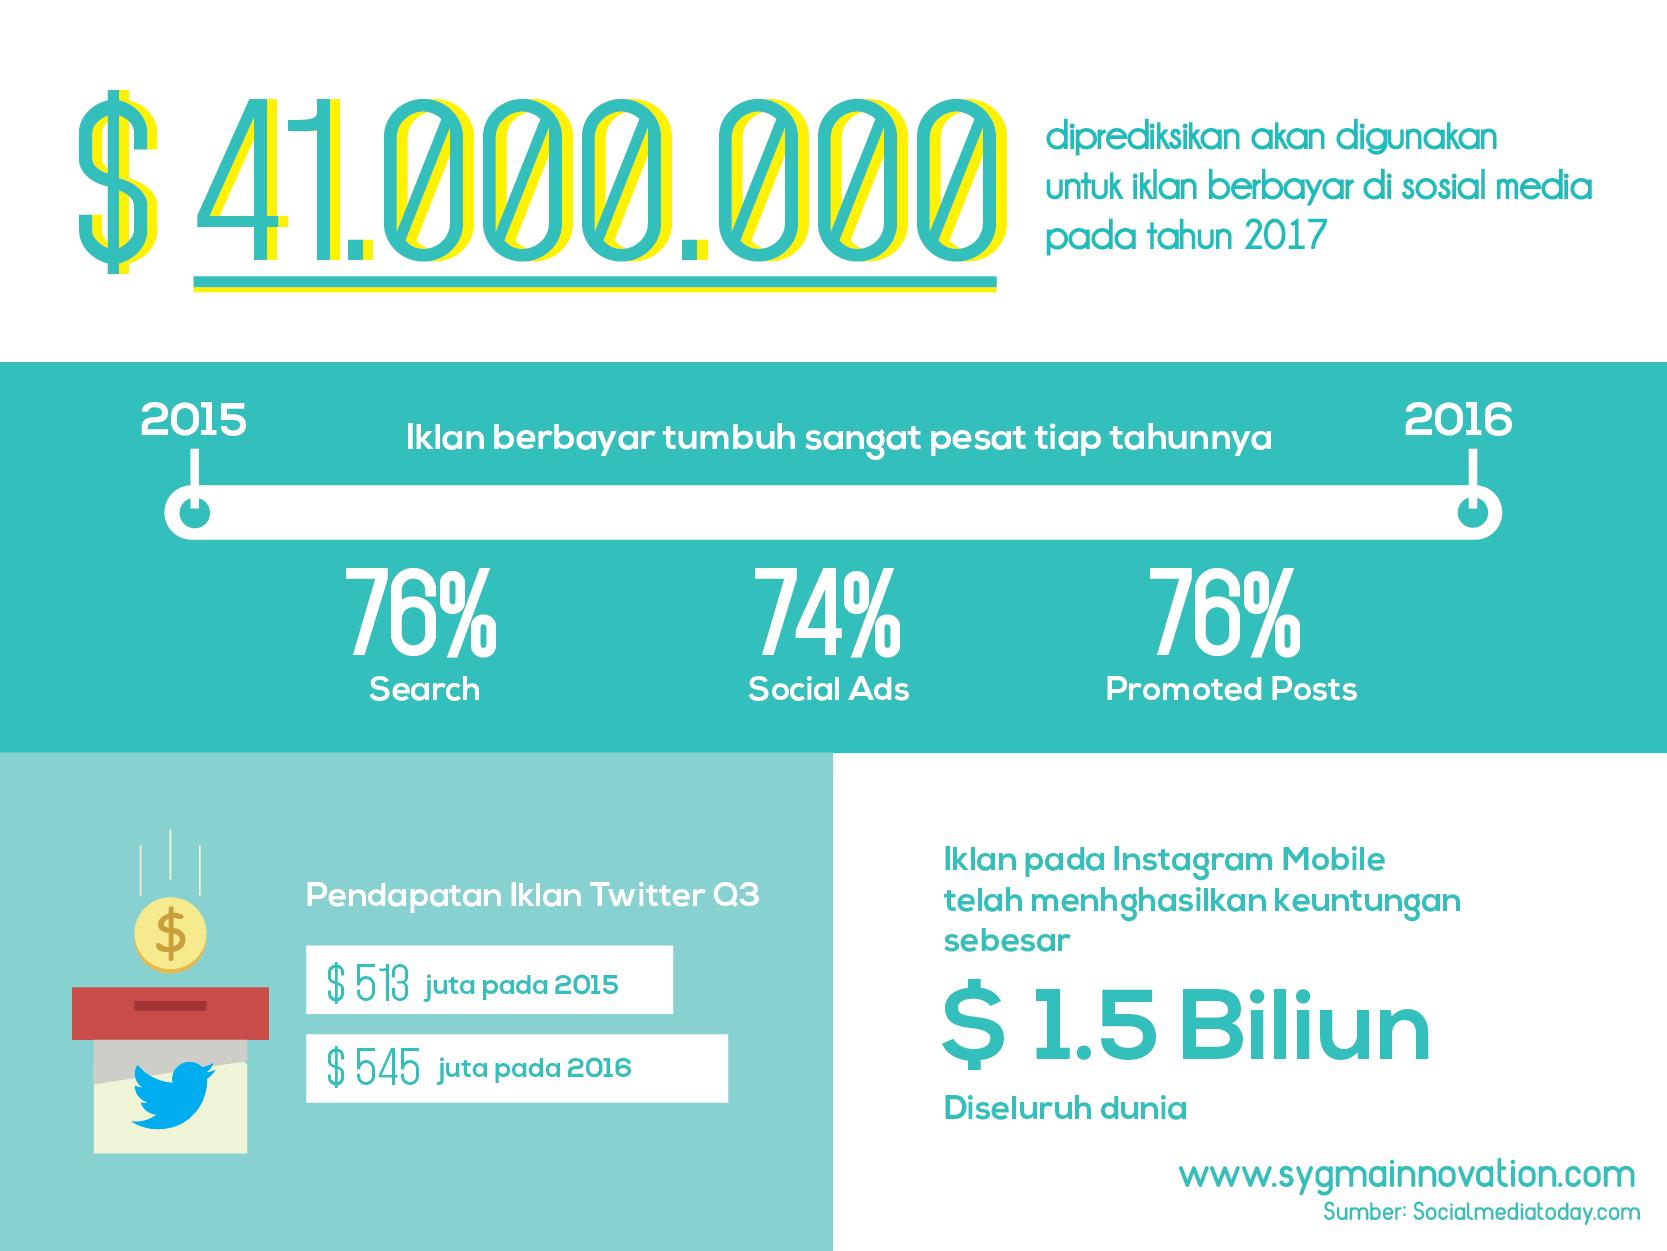 Infografis Iklan berbayar